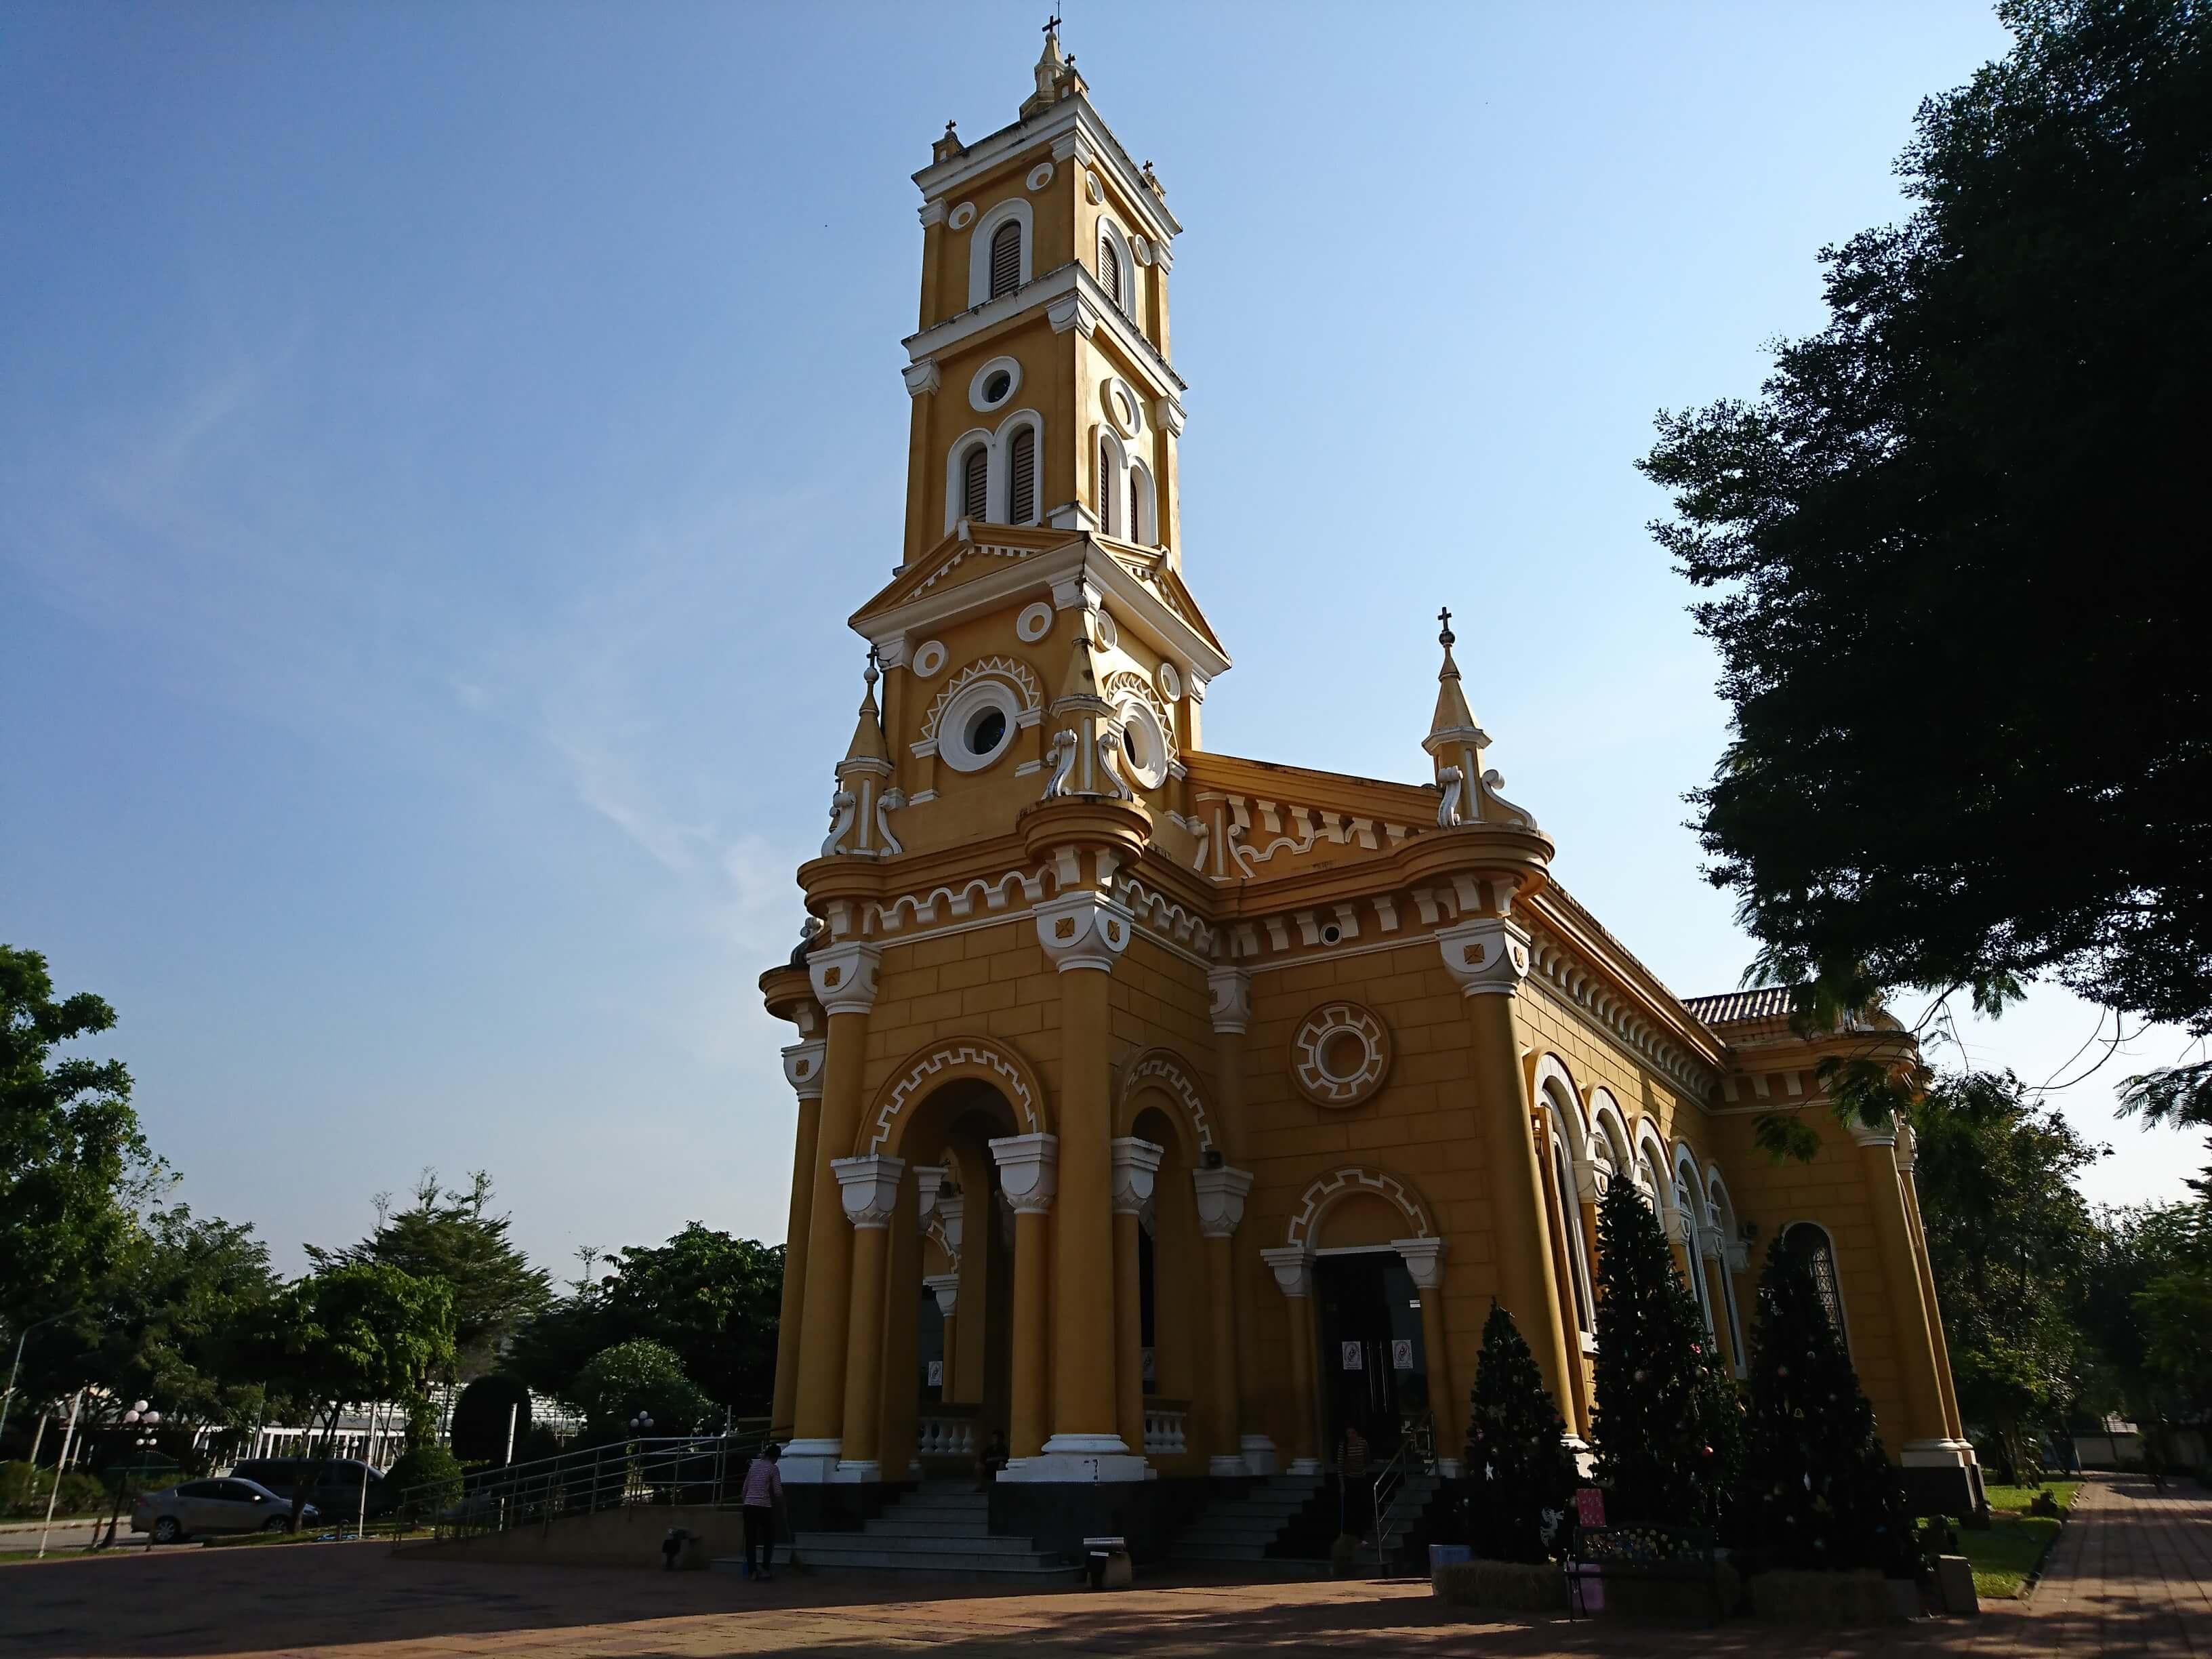 セントジョセフ教会 / アユタヤ王朝時代に作られ、長い歴史を持つカトリック教会